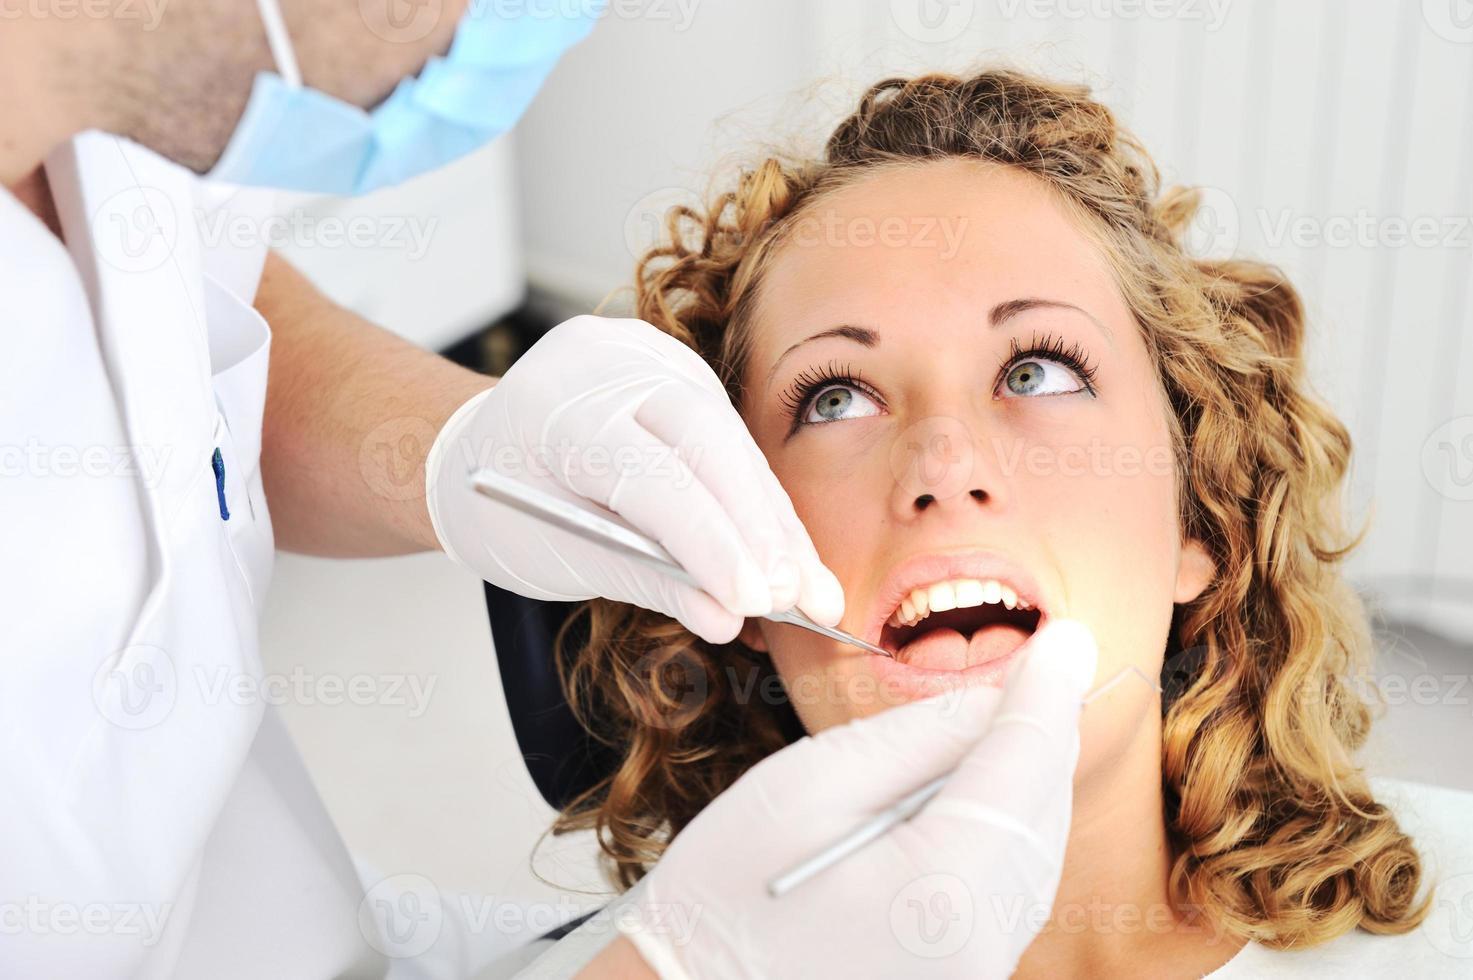 Zahnuntersuchung der Zahnärzte, Serie verwandter Fotos